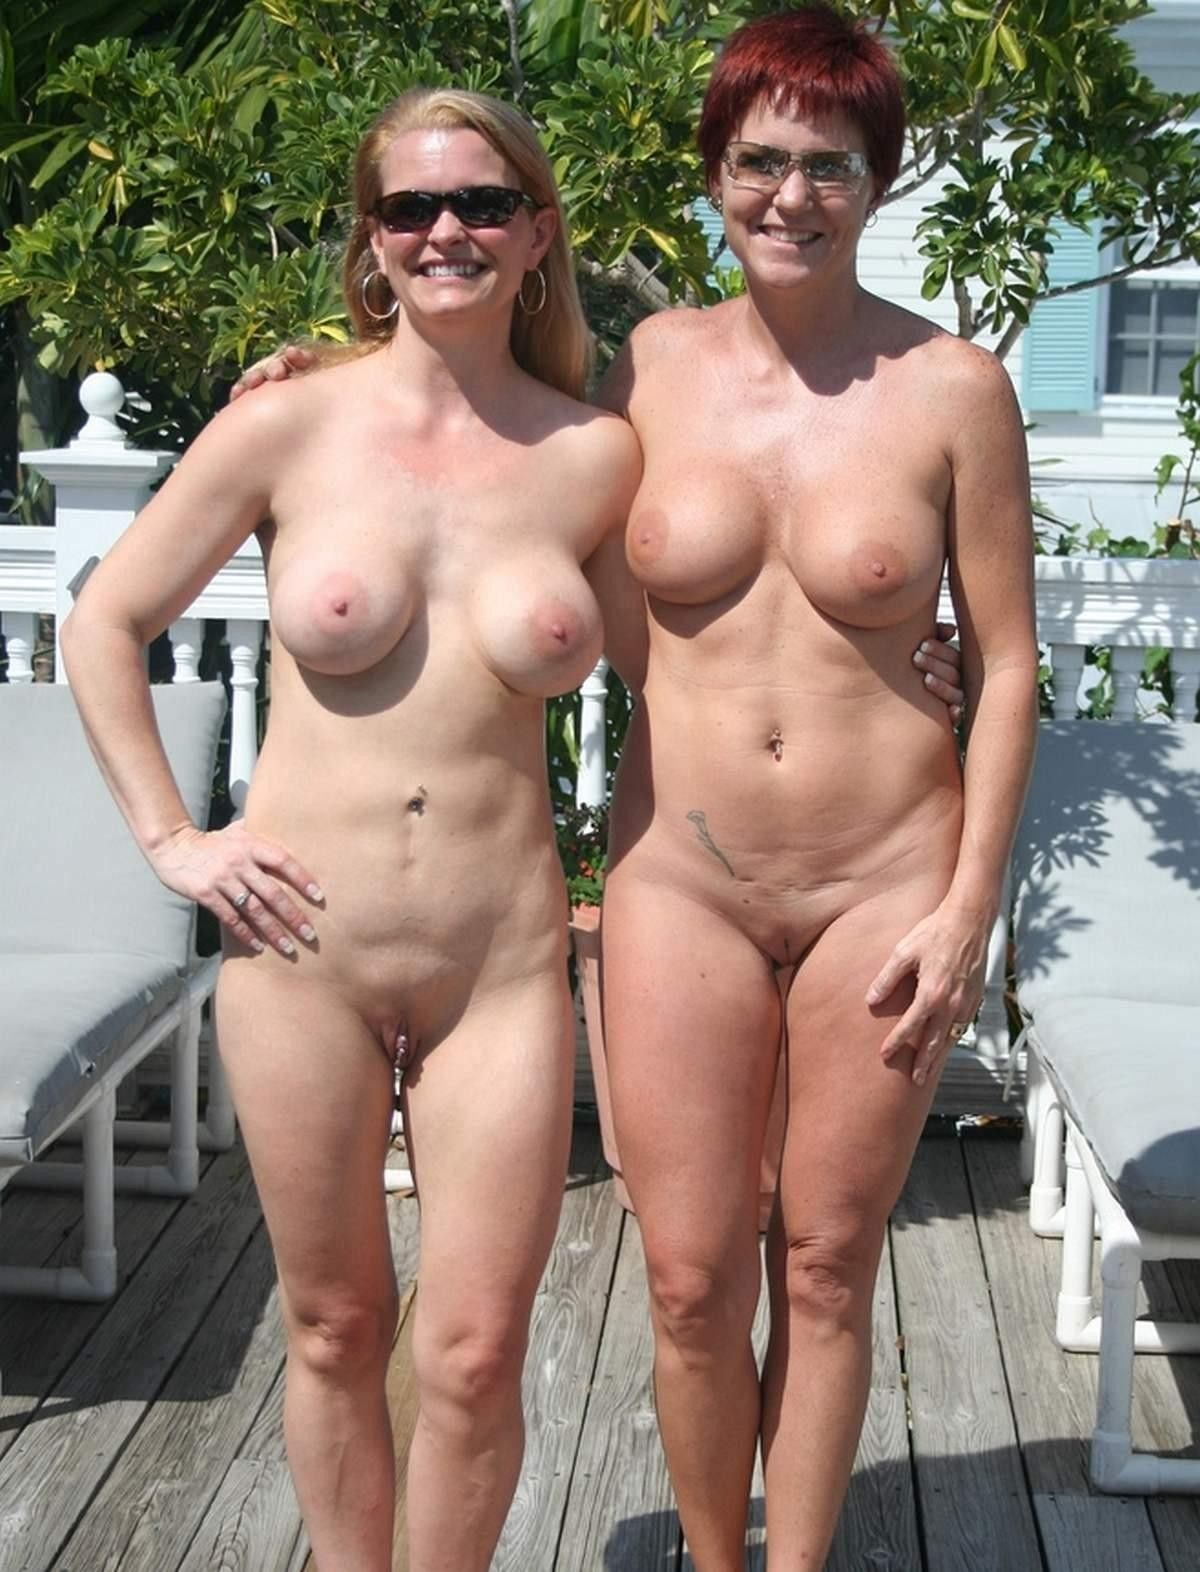 Фото голых мамочек в домашней обстановке которым за 50 10 фотография